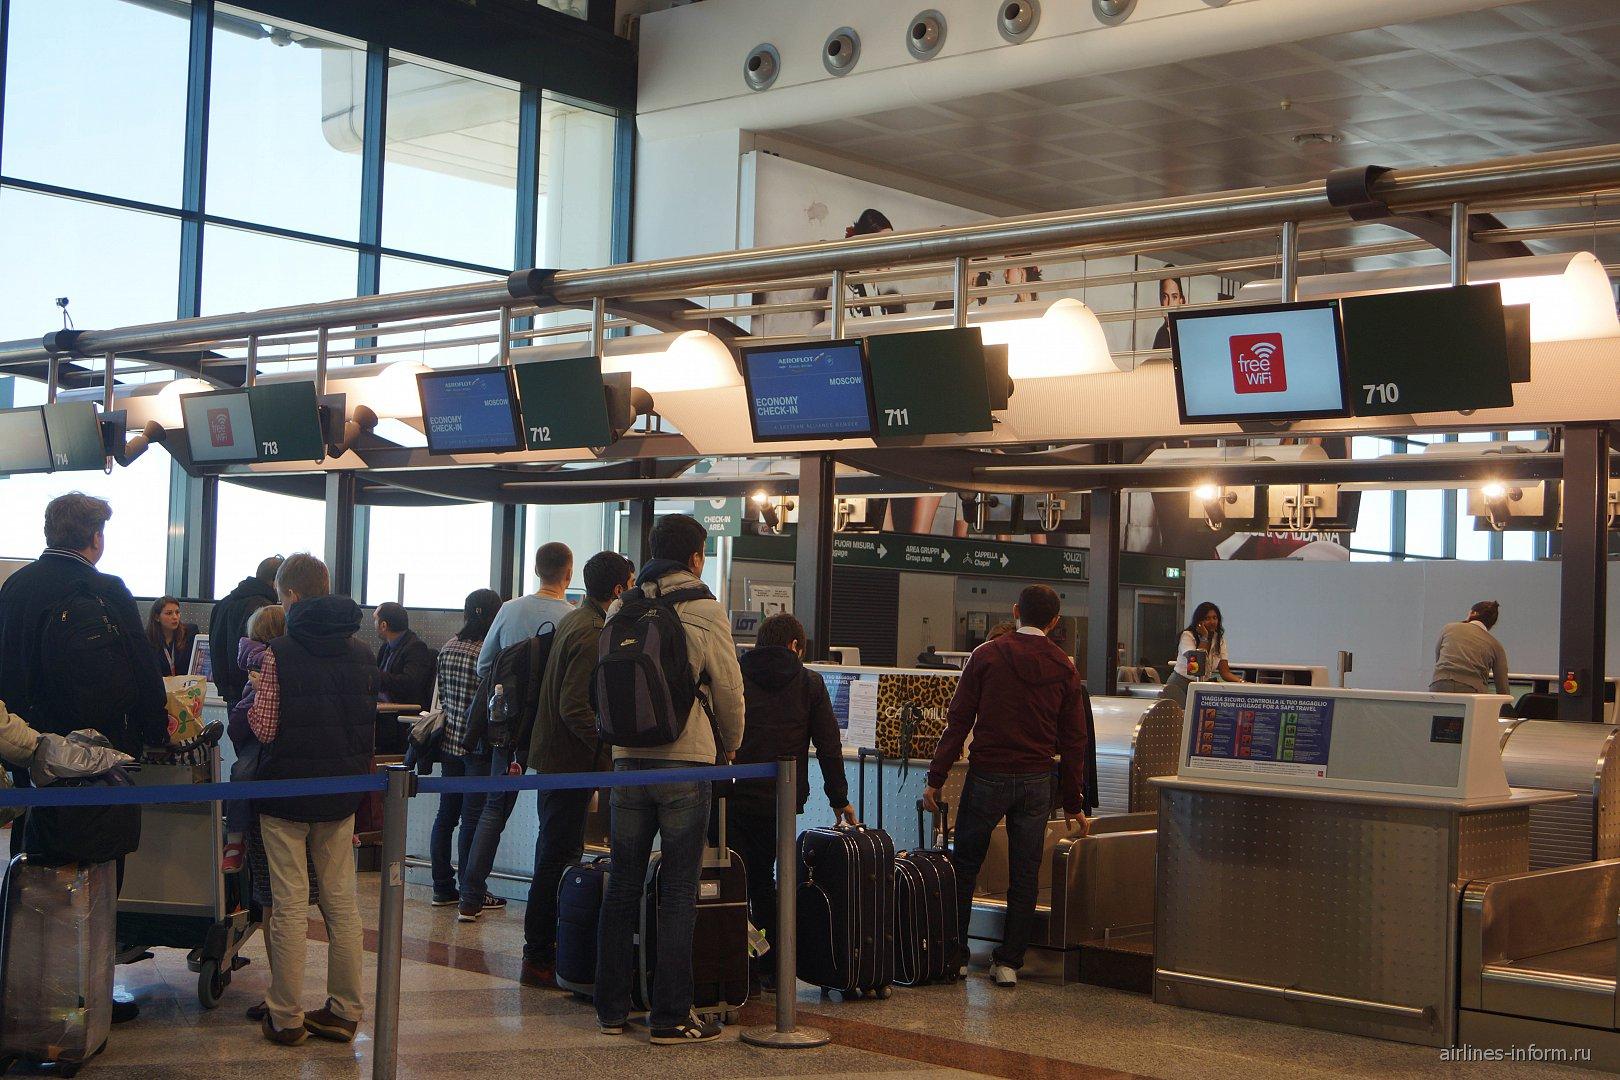 Регистрация на рейс Аэрофлота в аэропорту Милан Мальпенса